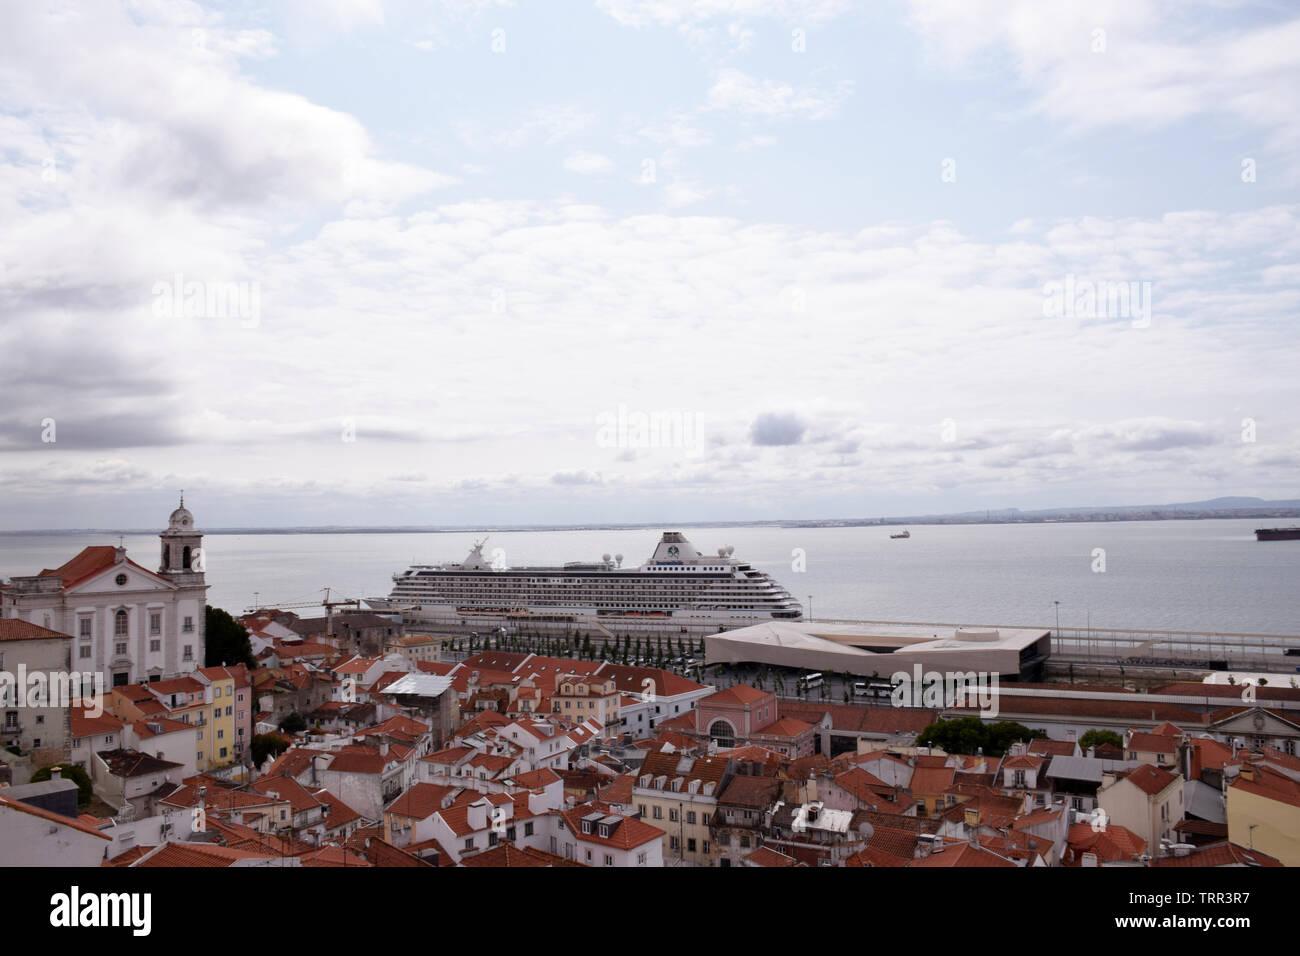 Coastal serenità nave da crociera al terminal delle navi da crociera, Lisbona, Portogallo, Giugno 2019 Immagini Stock